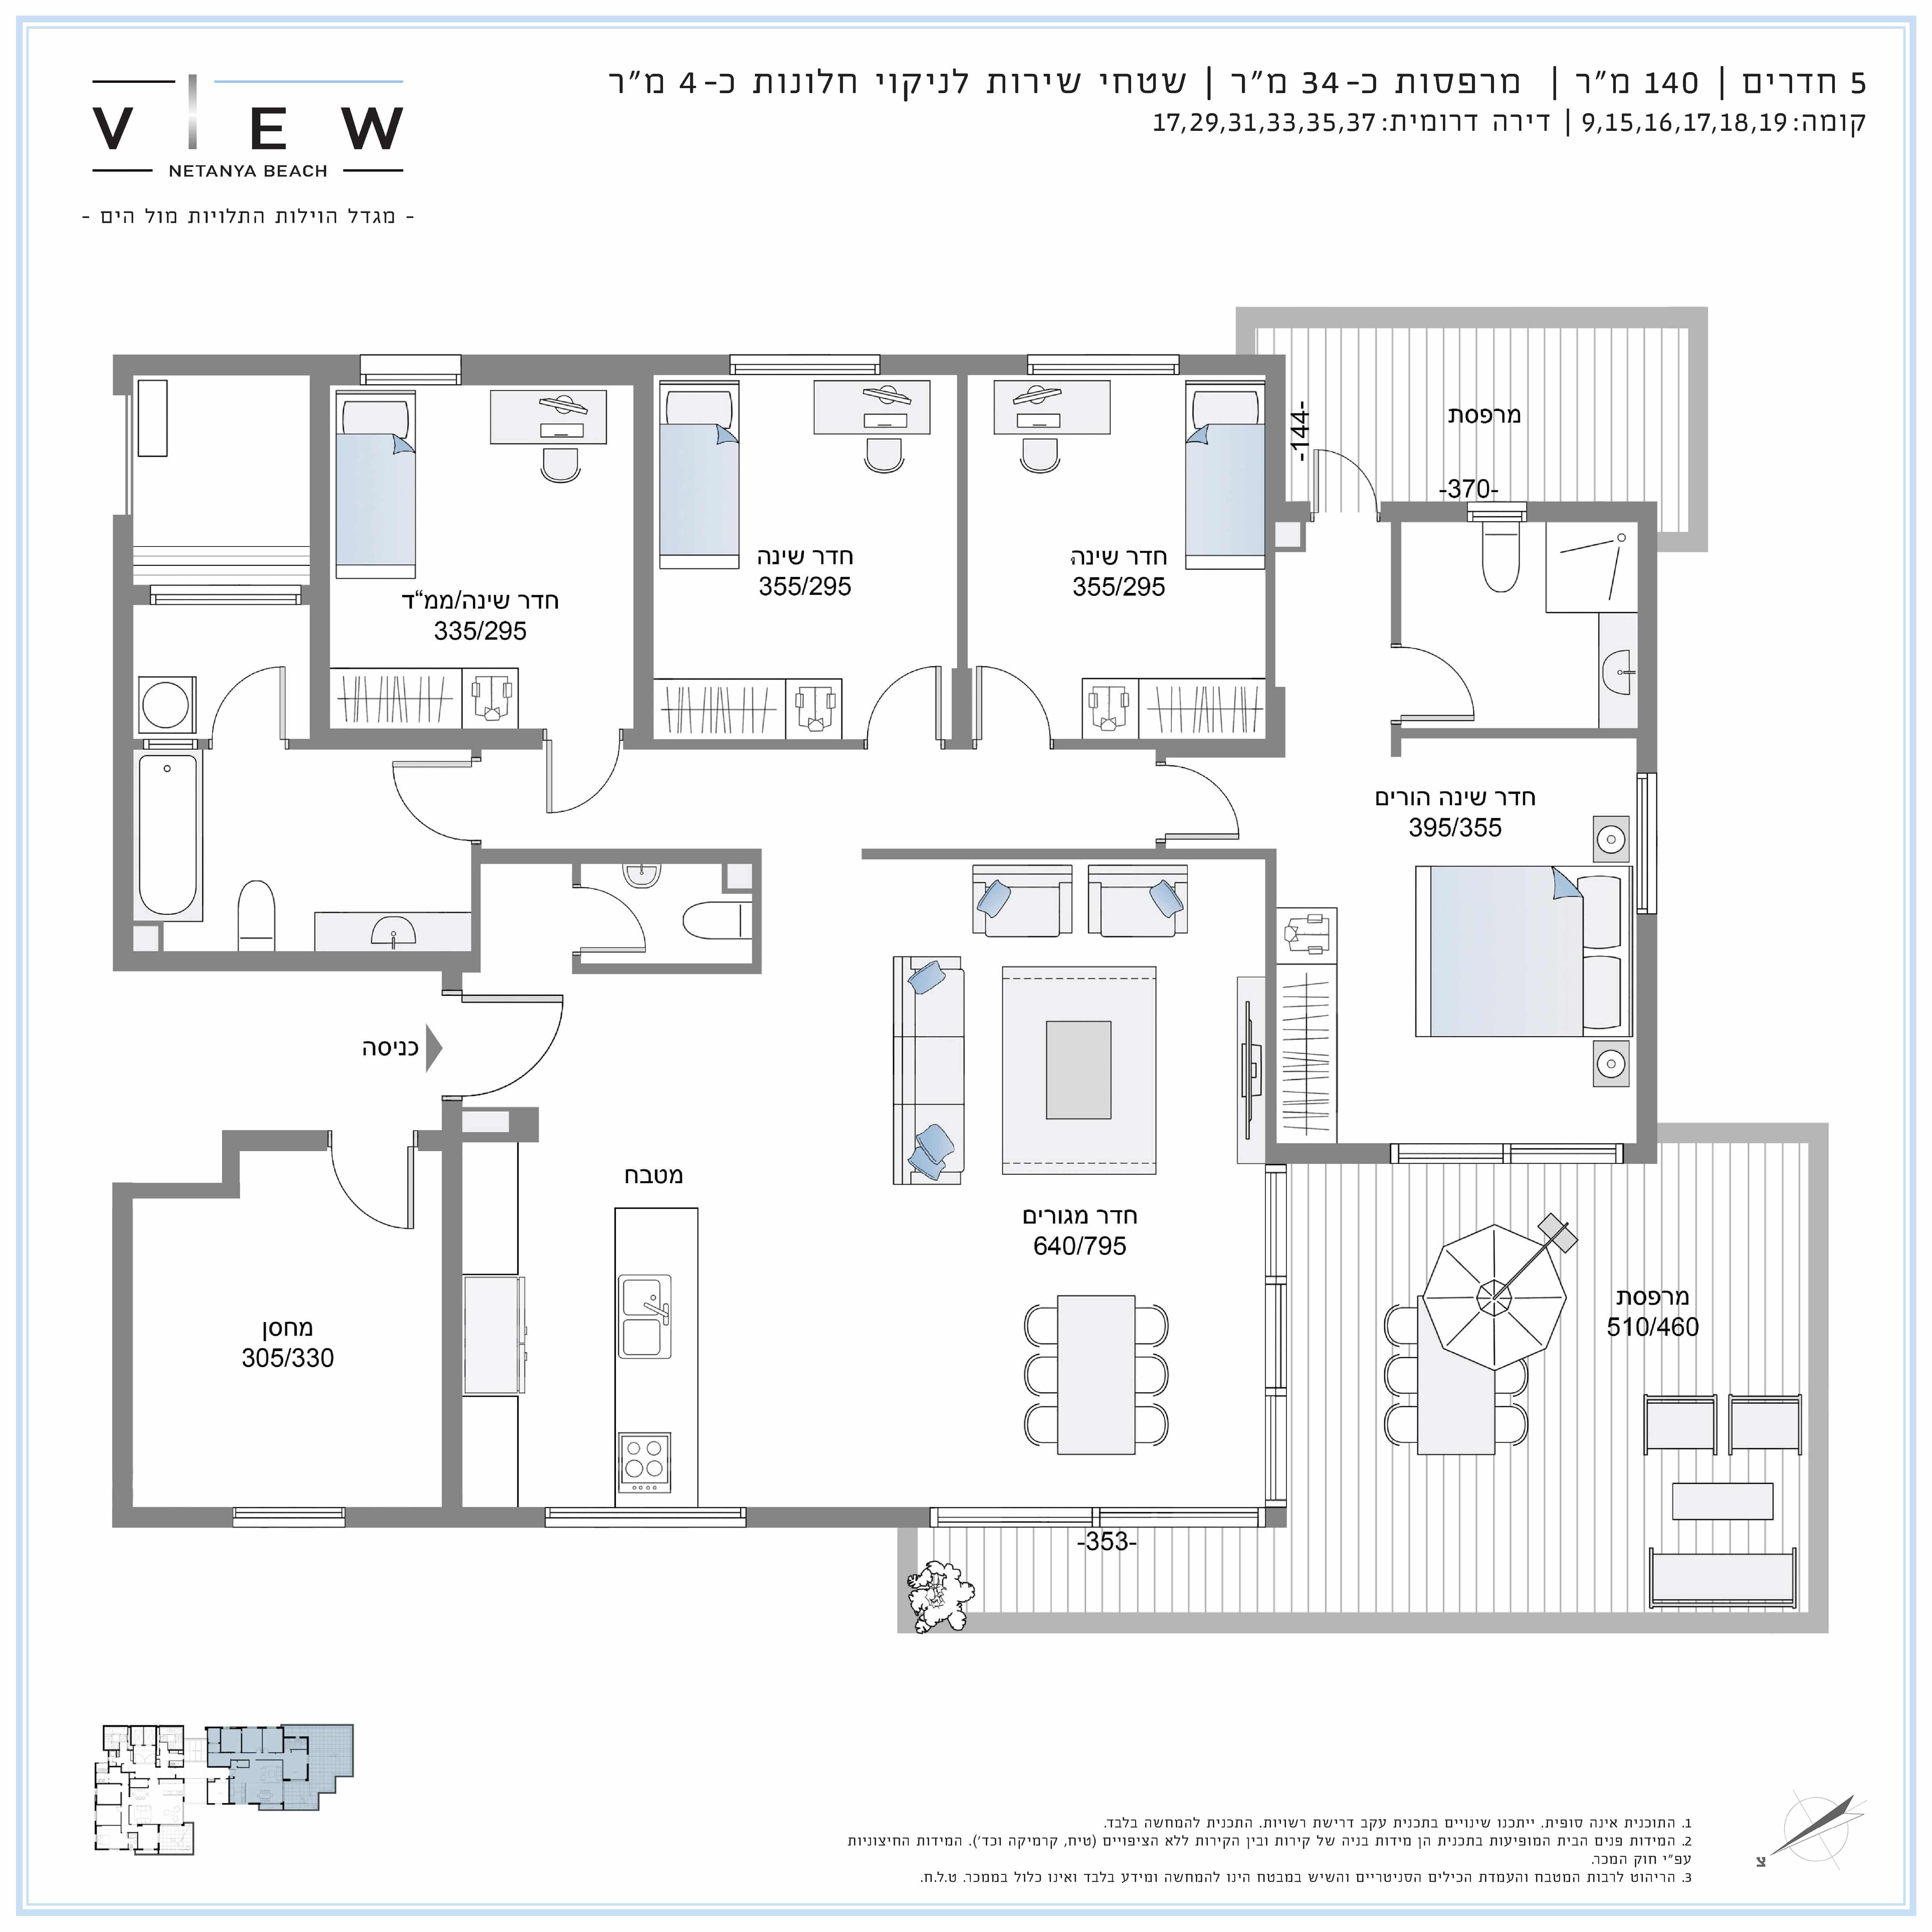 6451-floor-plan-490x490-6